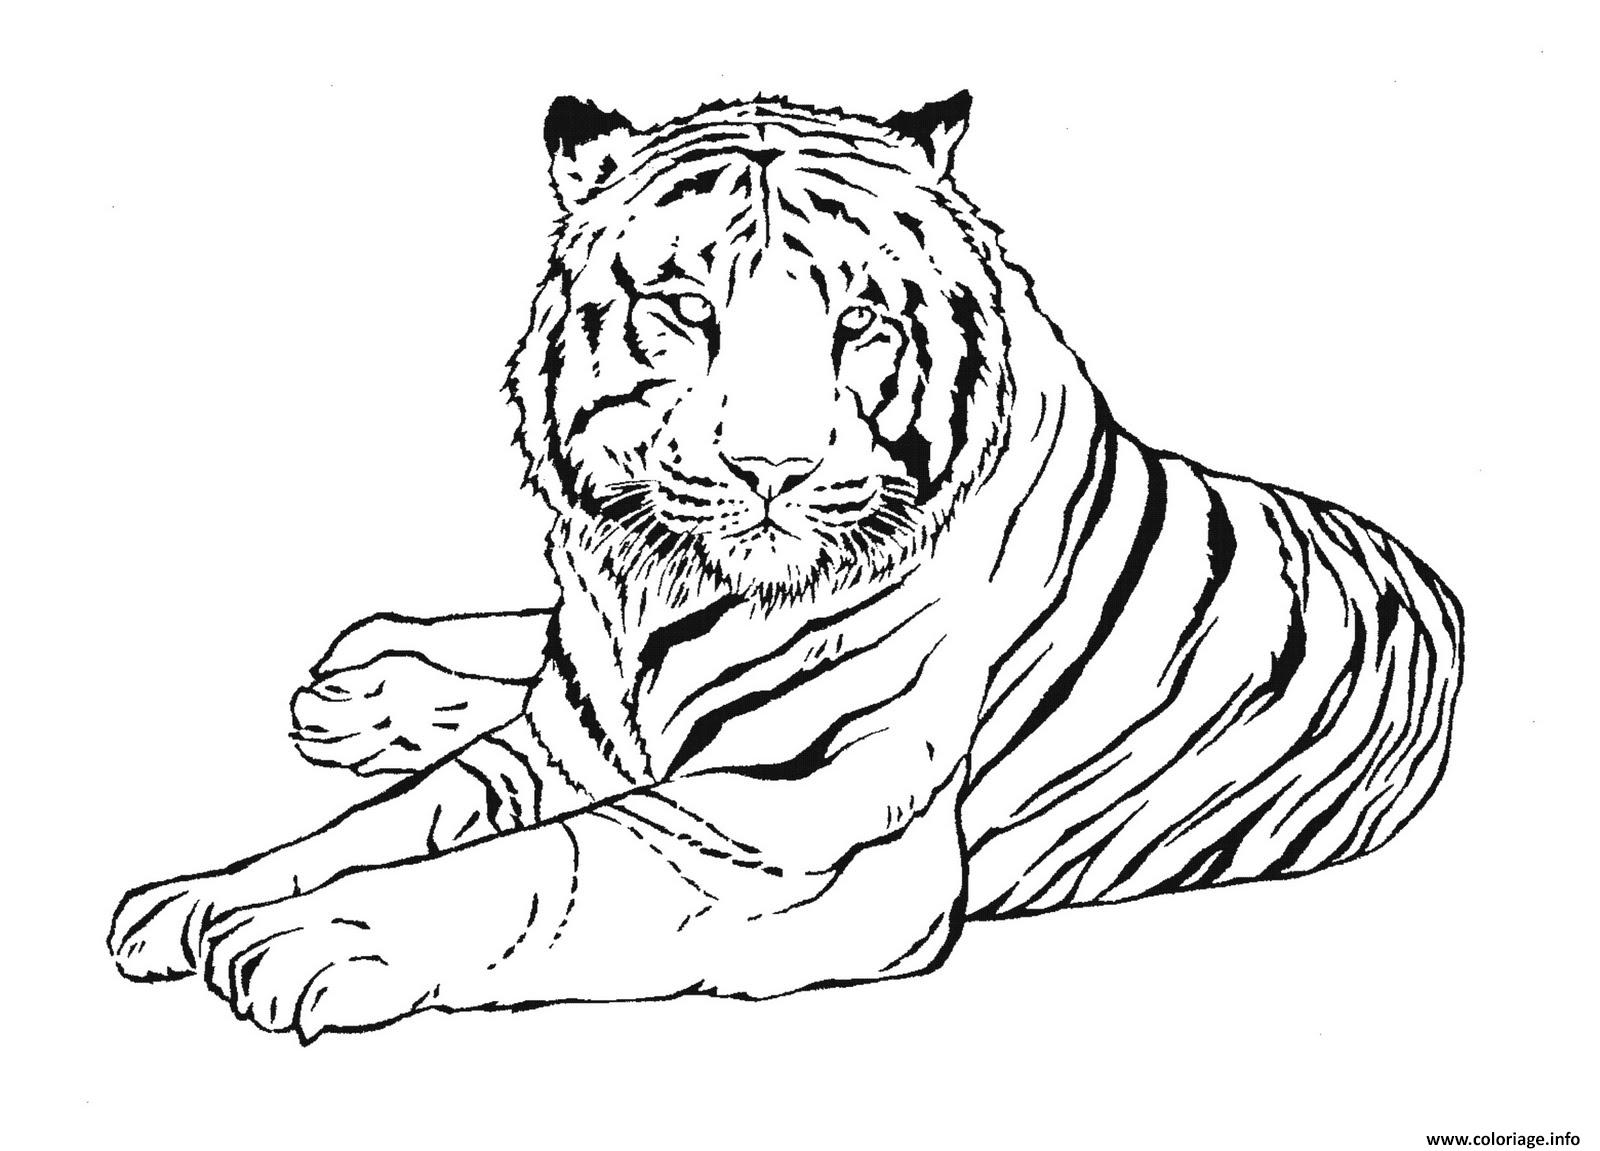 Dessin Tigre de la region argentine de Buenos Aires Coloriage Gratuit à Imprimer